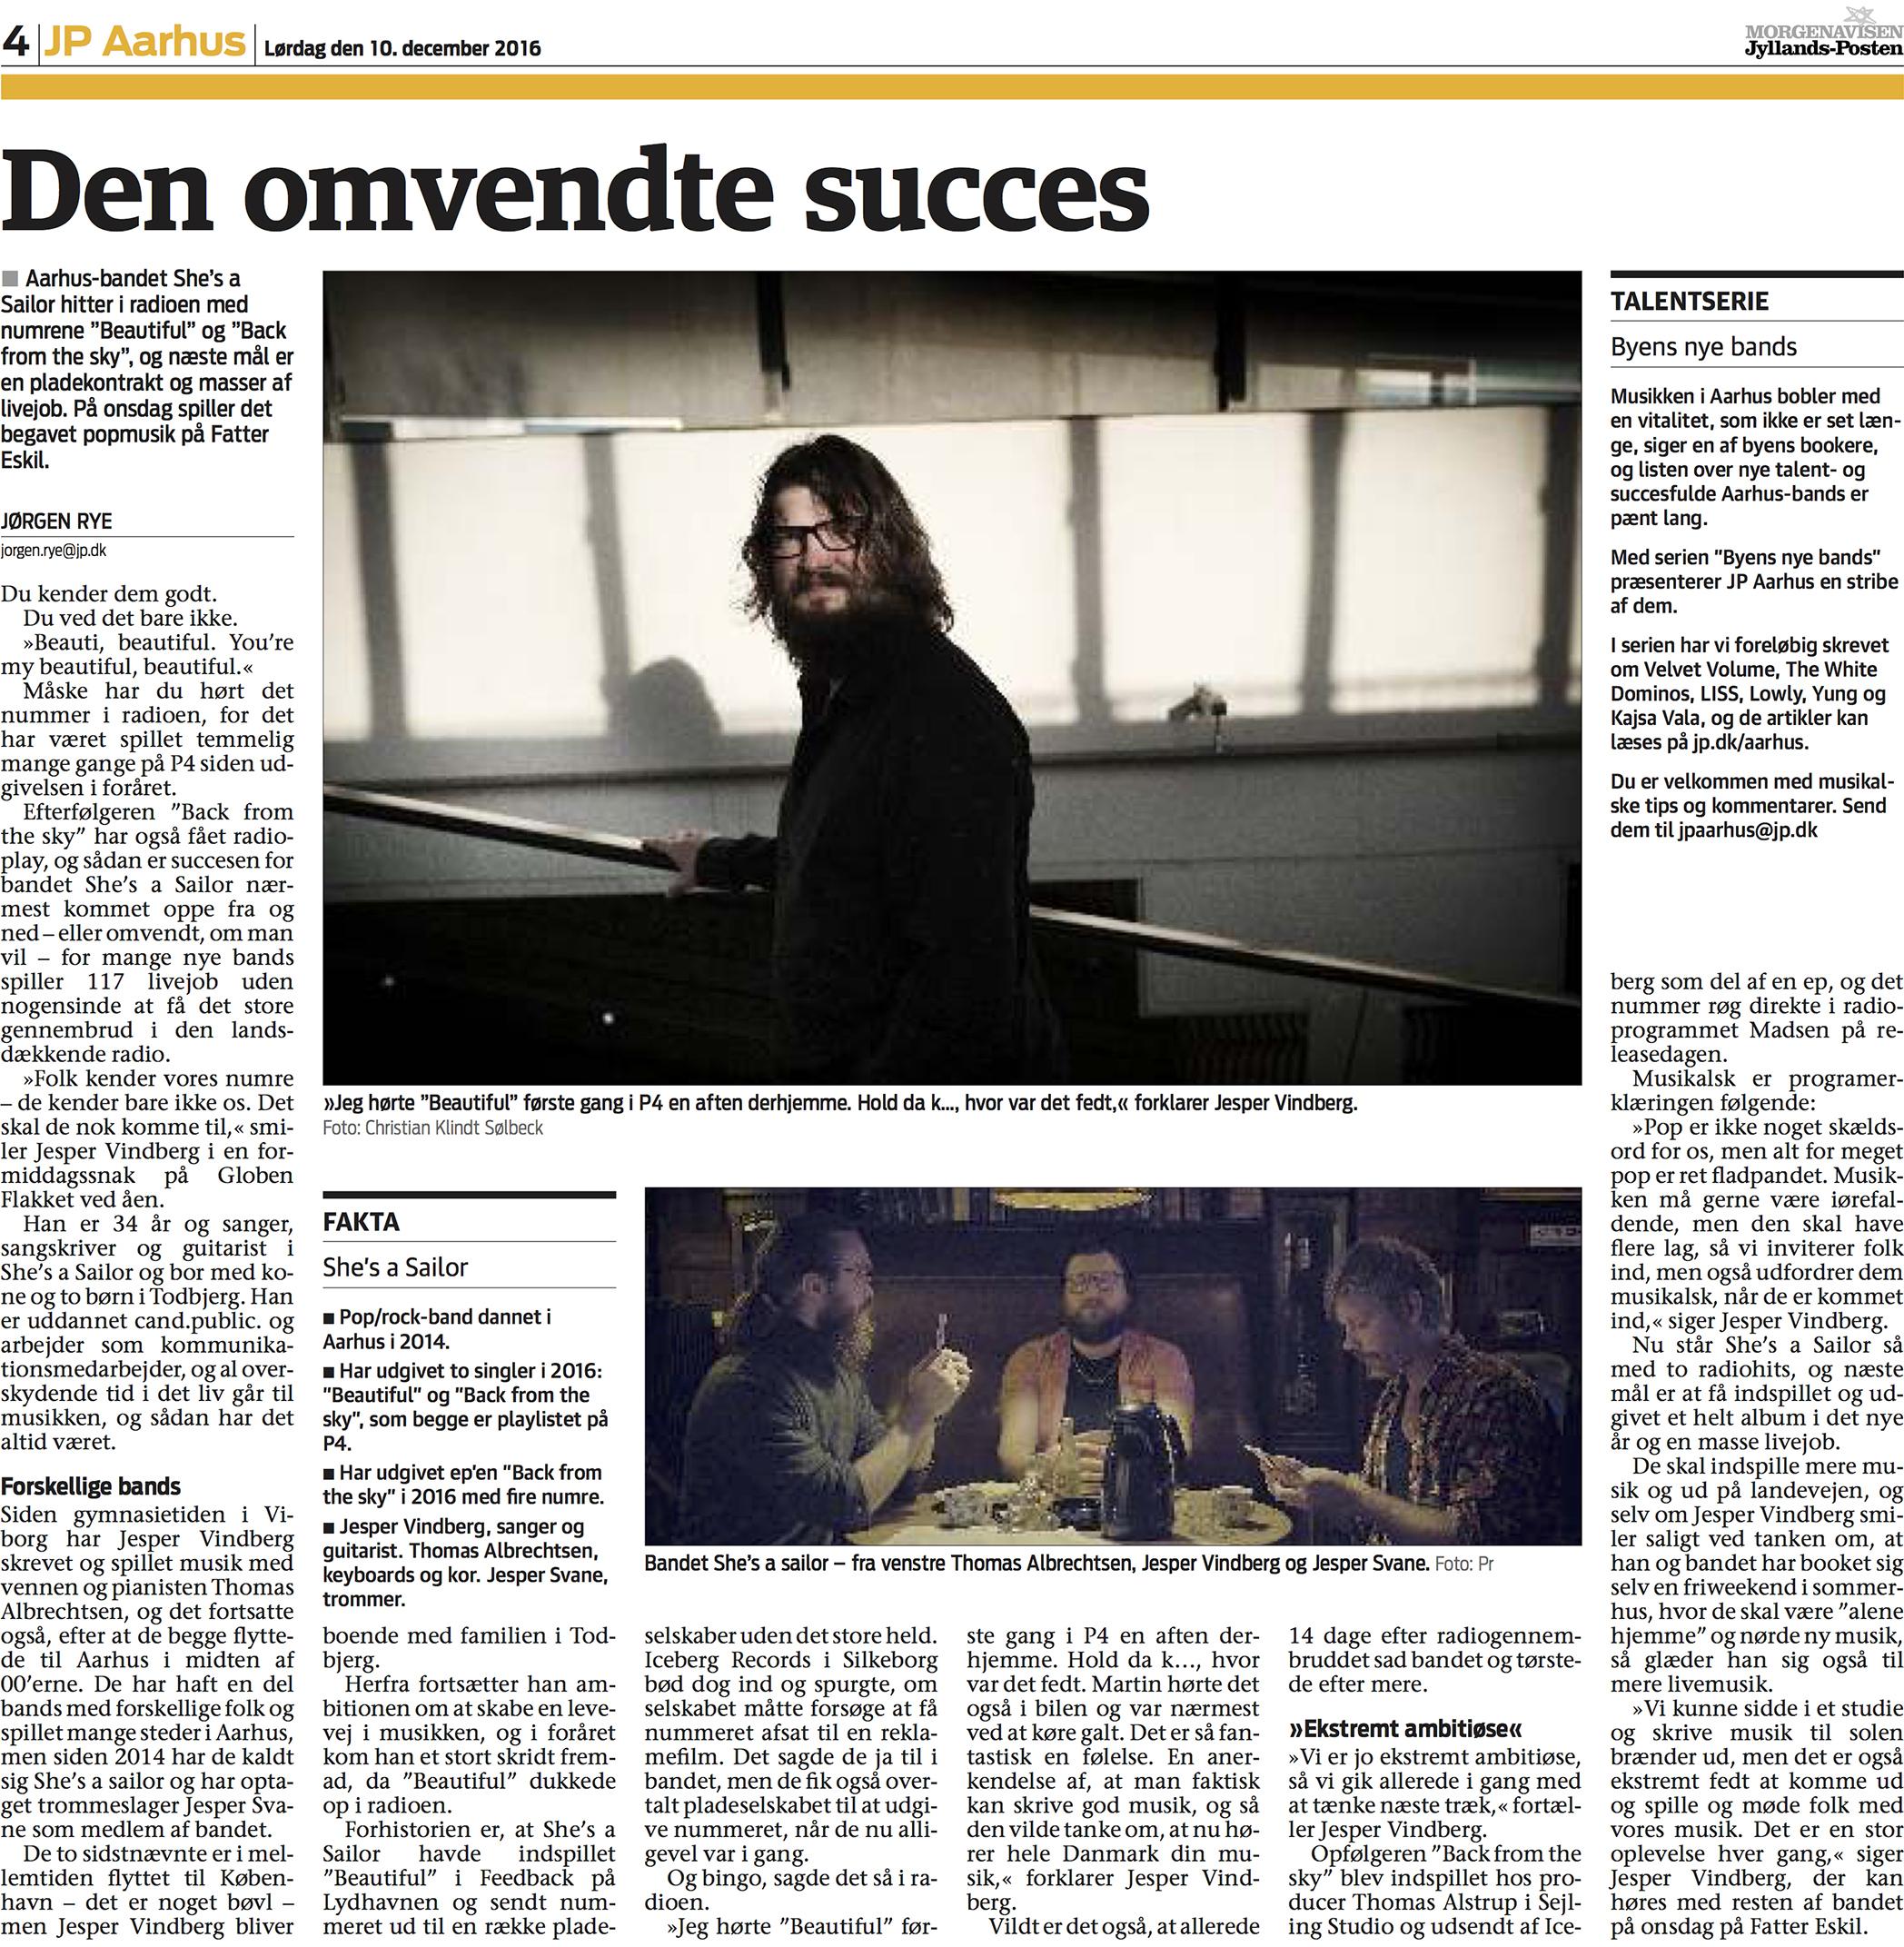 Den_omvendte_succes_-_Jyllands_Posten_de(1).jpg